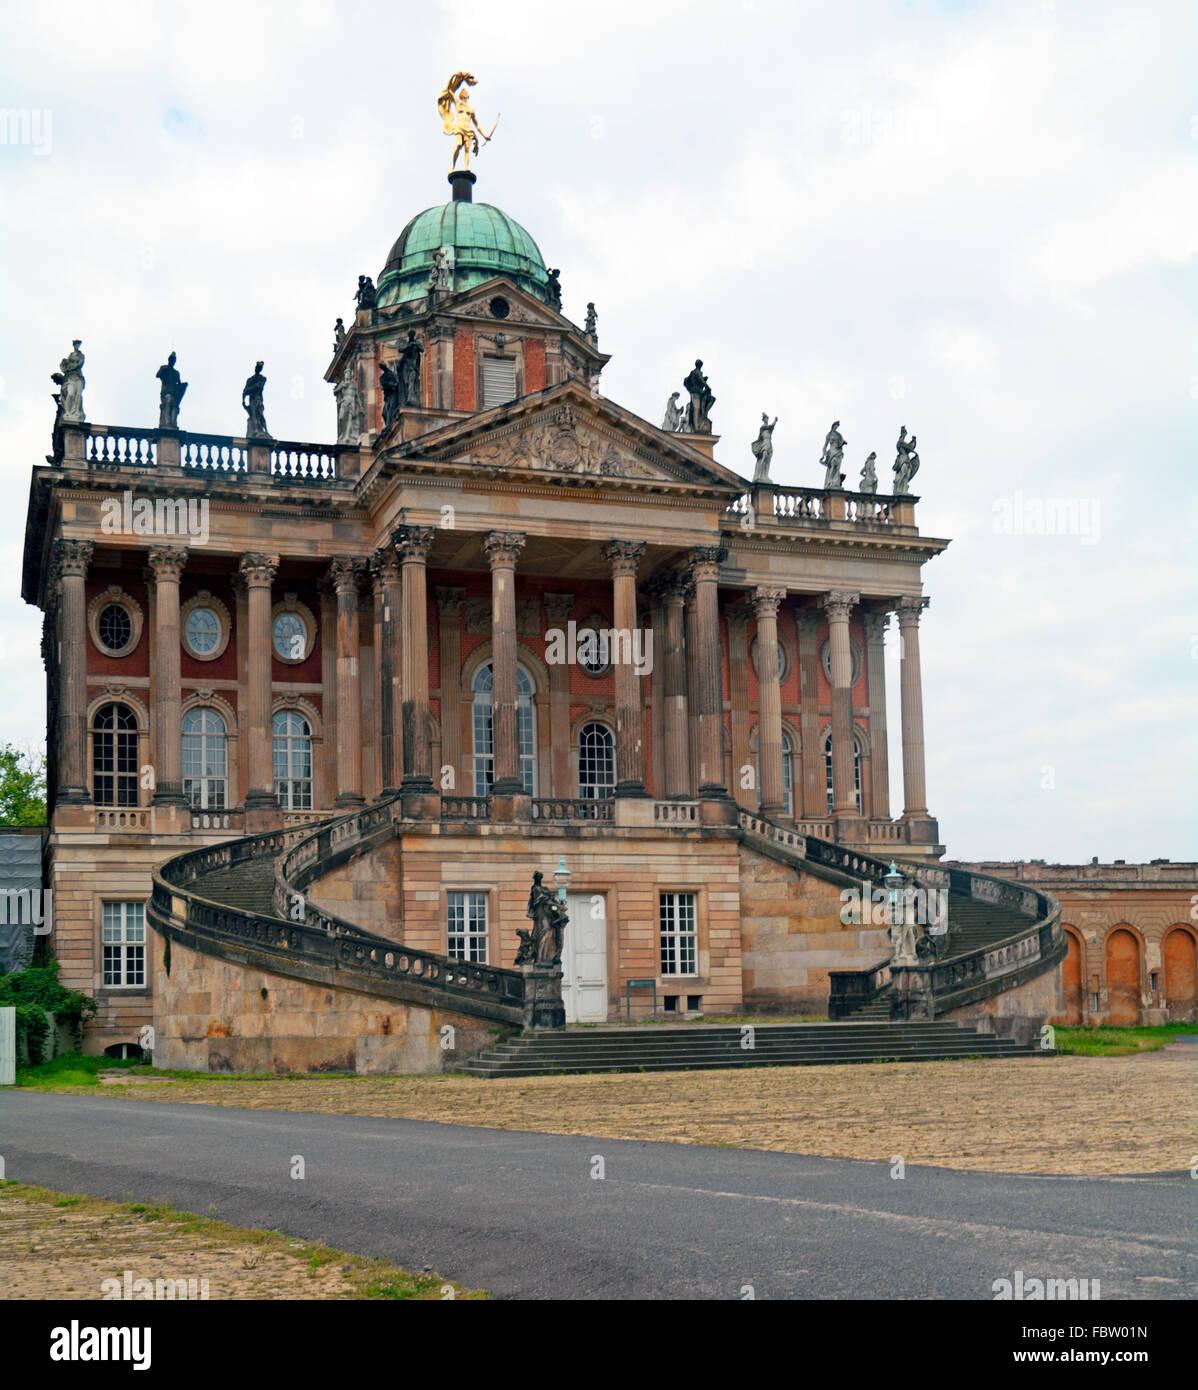 Sanssouci Park, New Palace University, Potsdam, Brandenburg, Berlin, Germany, Stock Photo